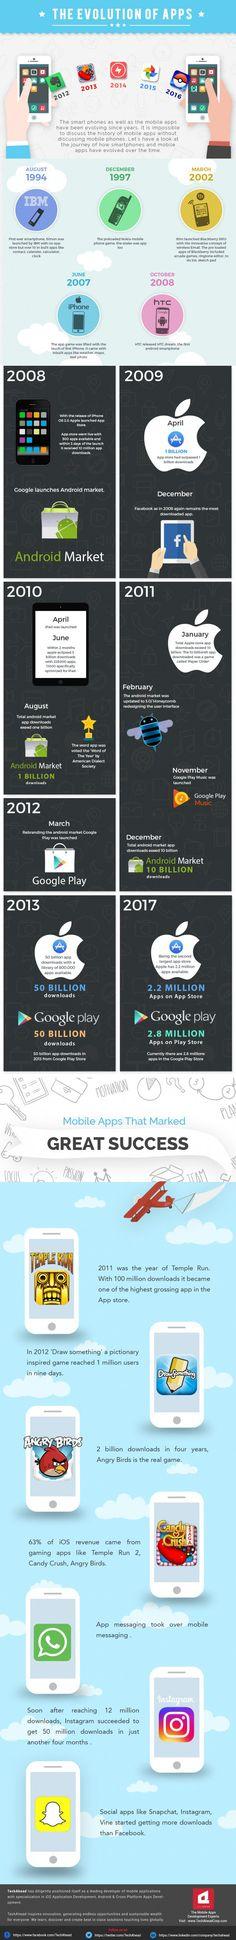 La nascita dello smartphone e l'espansione delle mobile app | Infografica - HDblog.it